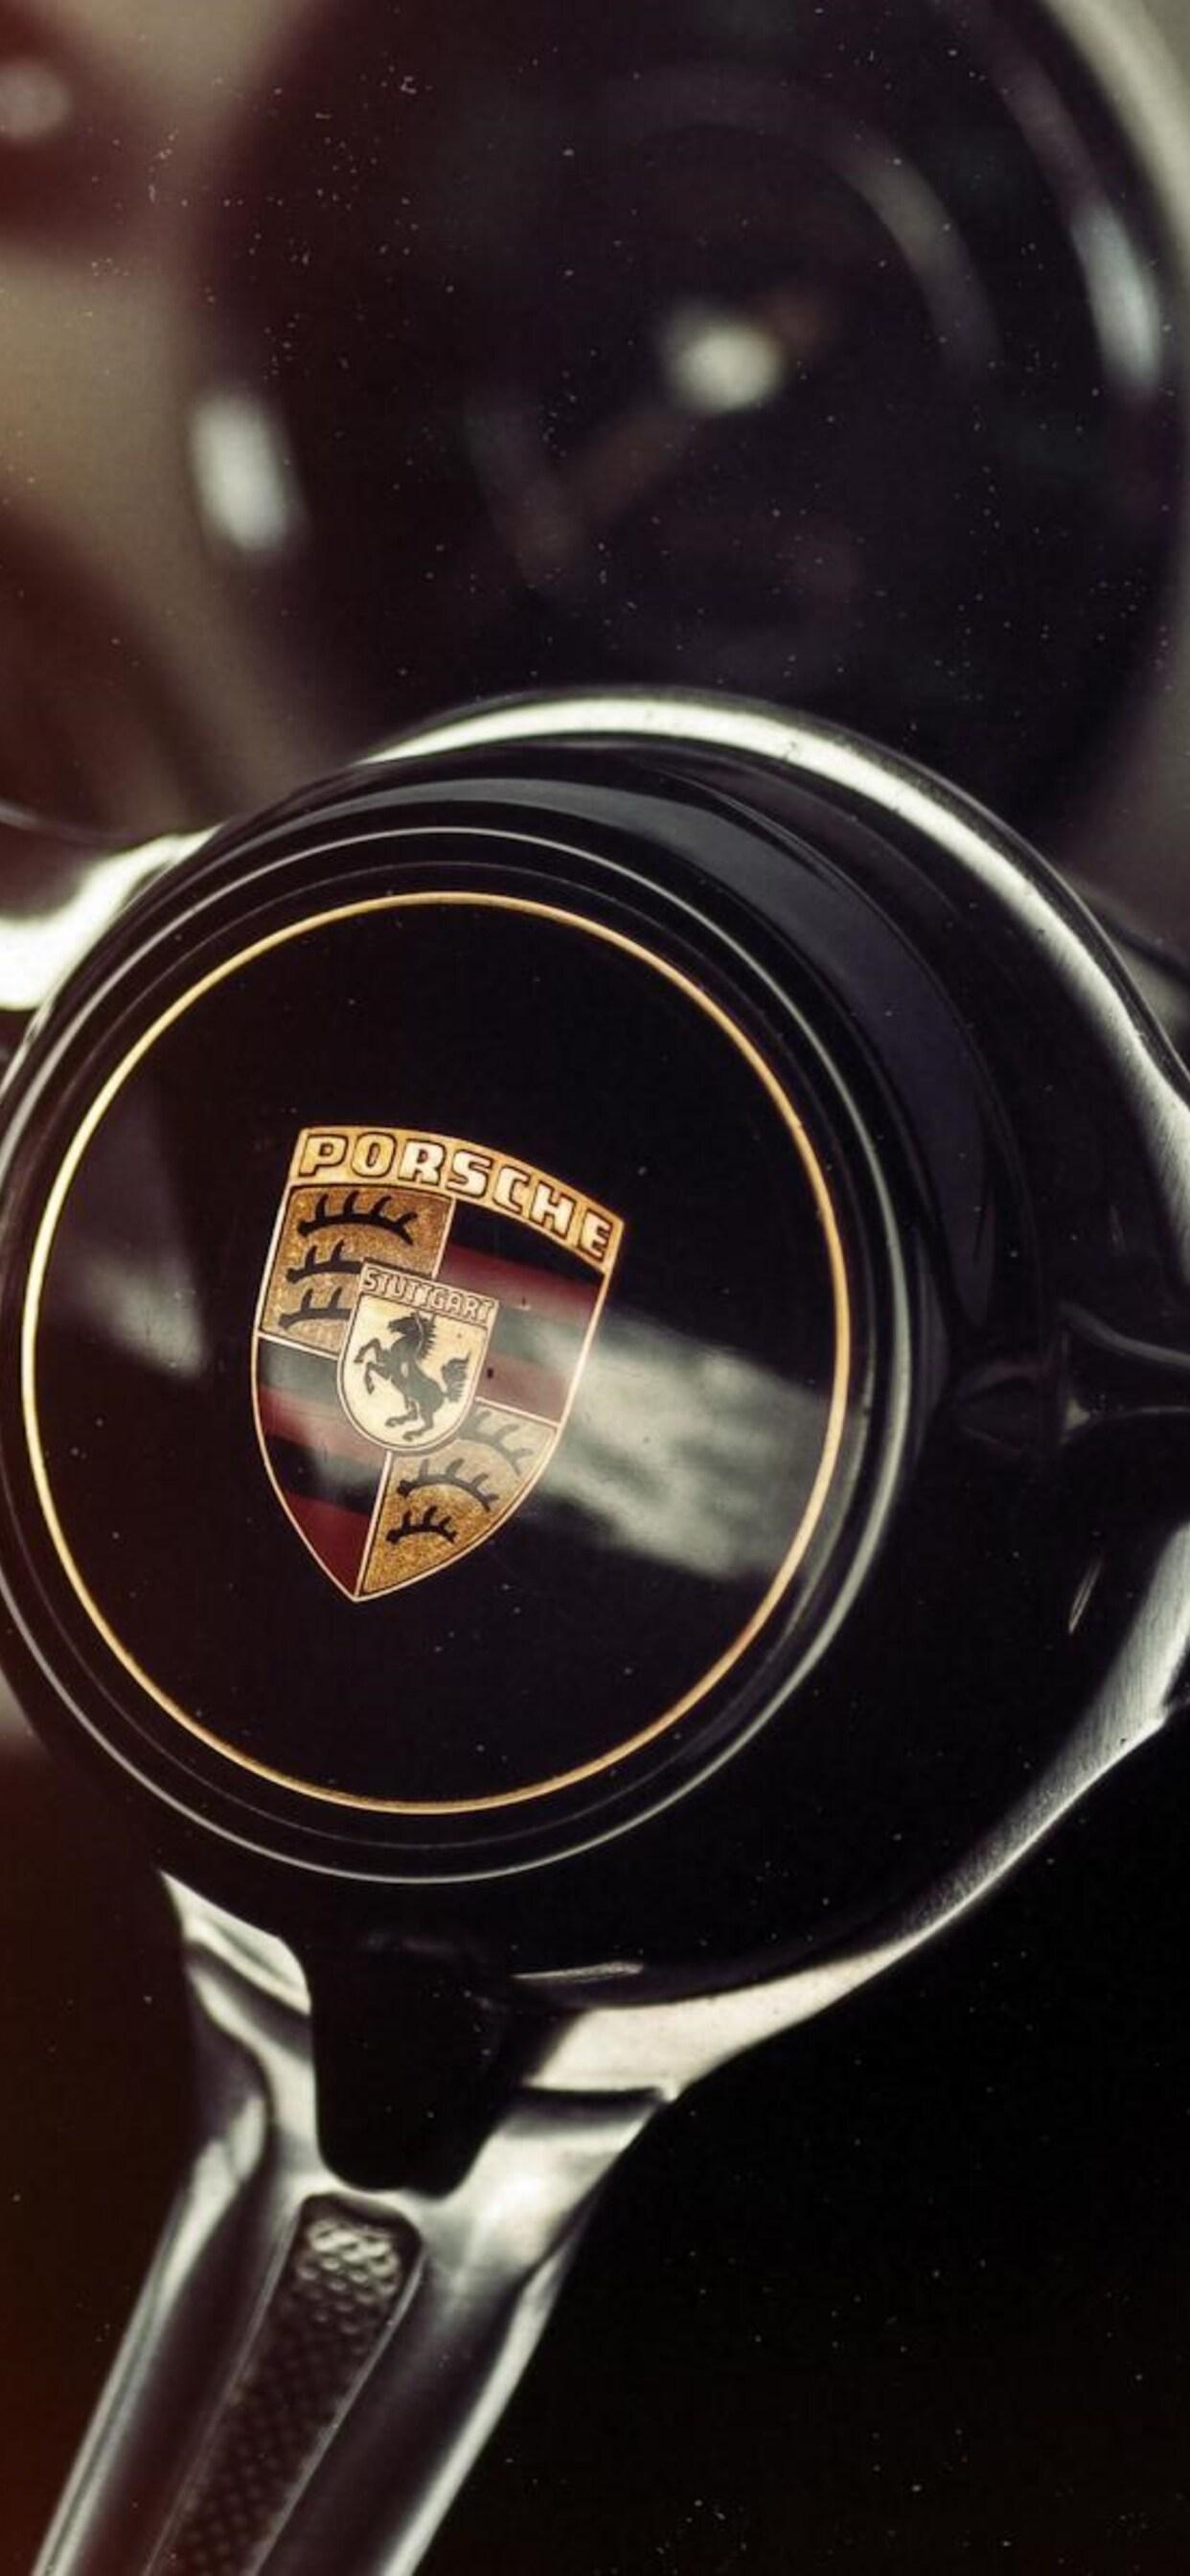 1242x2688 Porsche Car Steering Iphone Xs Max Hd 4k Wallpapers